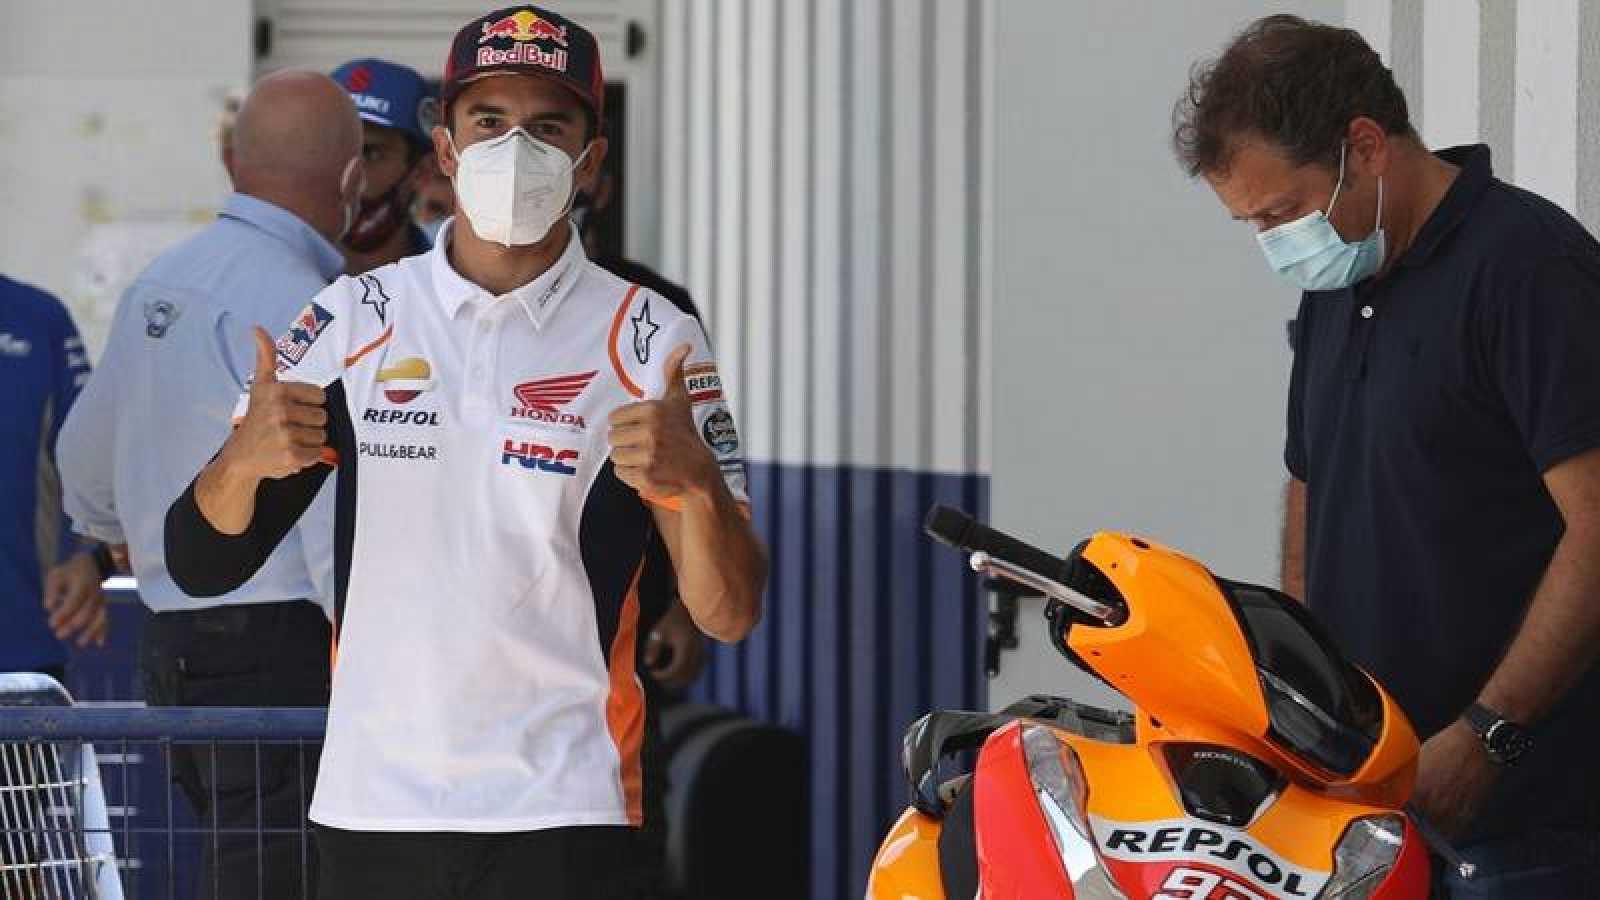 El piloto español Marc Márquez tras superar una prueba médica en el Circuito de Jerez.